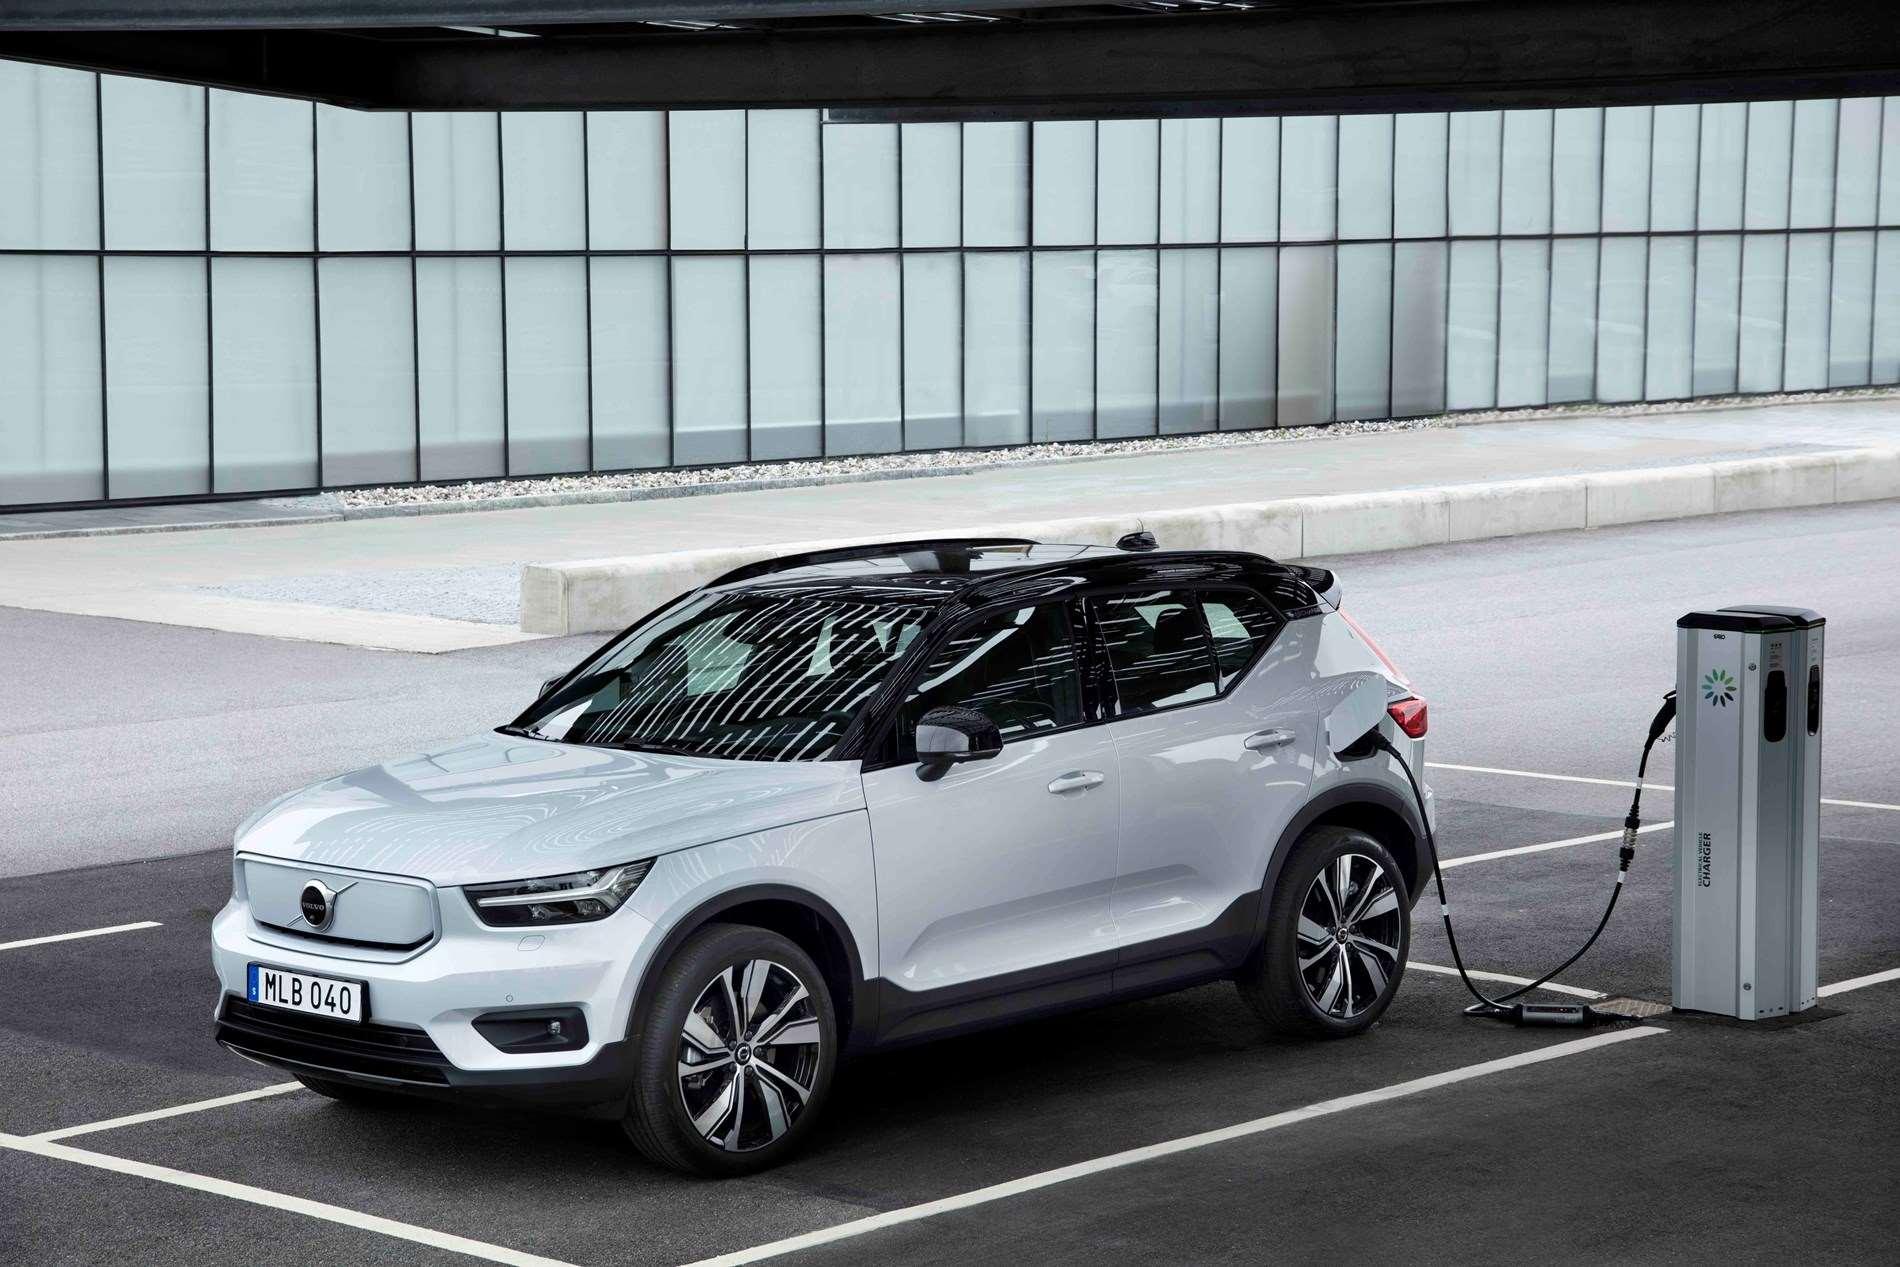 Volvo Cars en Polestar op weg om de CO2-emissiedoelstelling van de EU voor 2020 te overtreffen